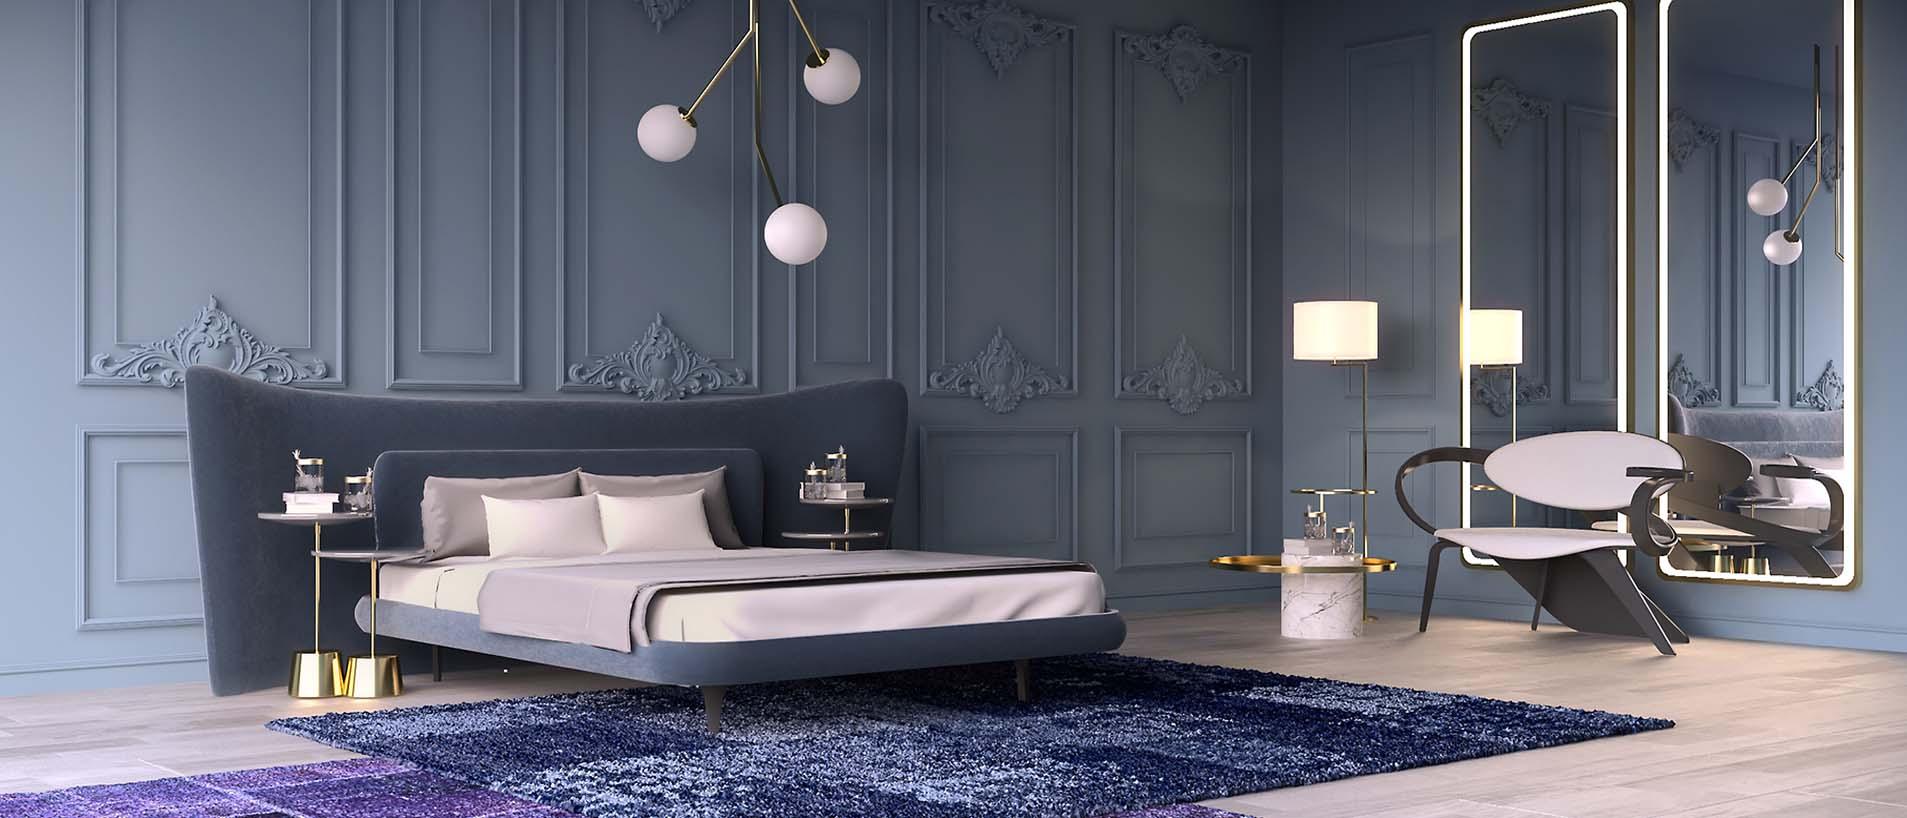 Интерьер синей спальни с дизайнерской мебелью